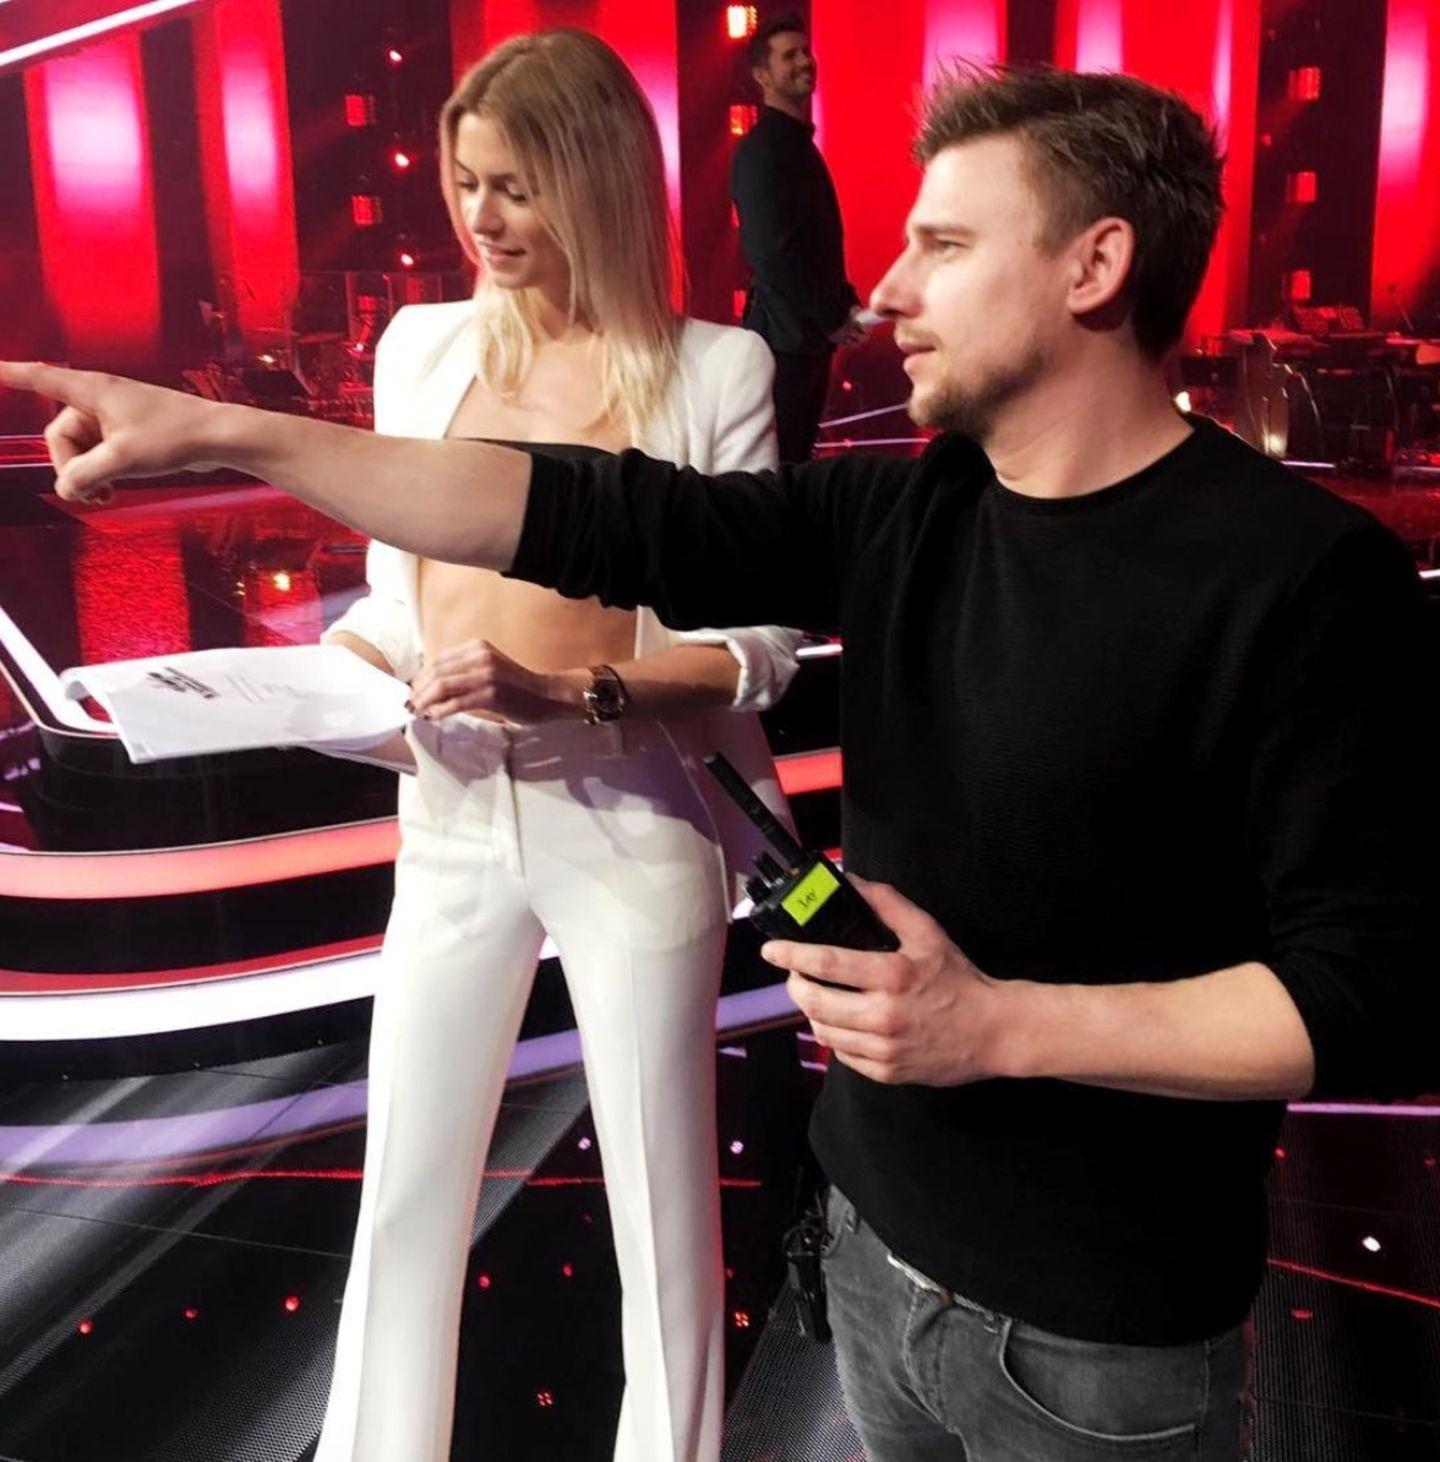 """Lena Gercke postet ein Foto vom Set der Show """"The Voice of Germany"""". Ein Detail verwirrt allerdings: Zeigt sich die ehemalige GNTM-Gewinnerin da gerade oben ohne? Nur der Arm eines Mitarbeiters scheint die Brüste der schönen Blondine zu verdecken.Doch natürlich läuft Lena nicht nackt durch das Studio. Wer genauer hinsieht, erkennt, dass sie ein kurzes, schwarzes Top trägt. So entsteht die optische Täuschung."""